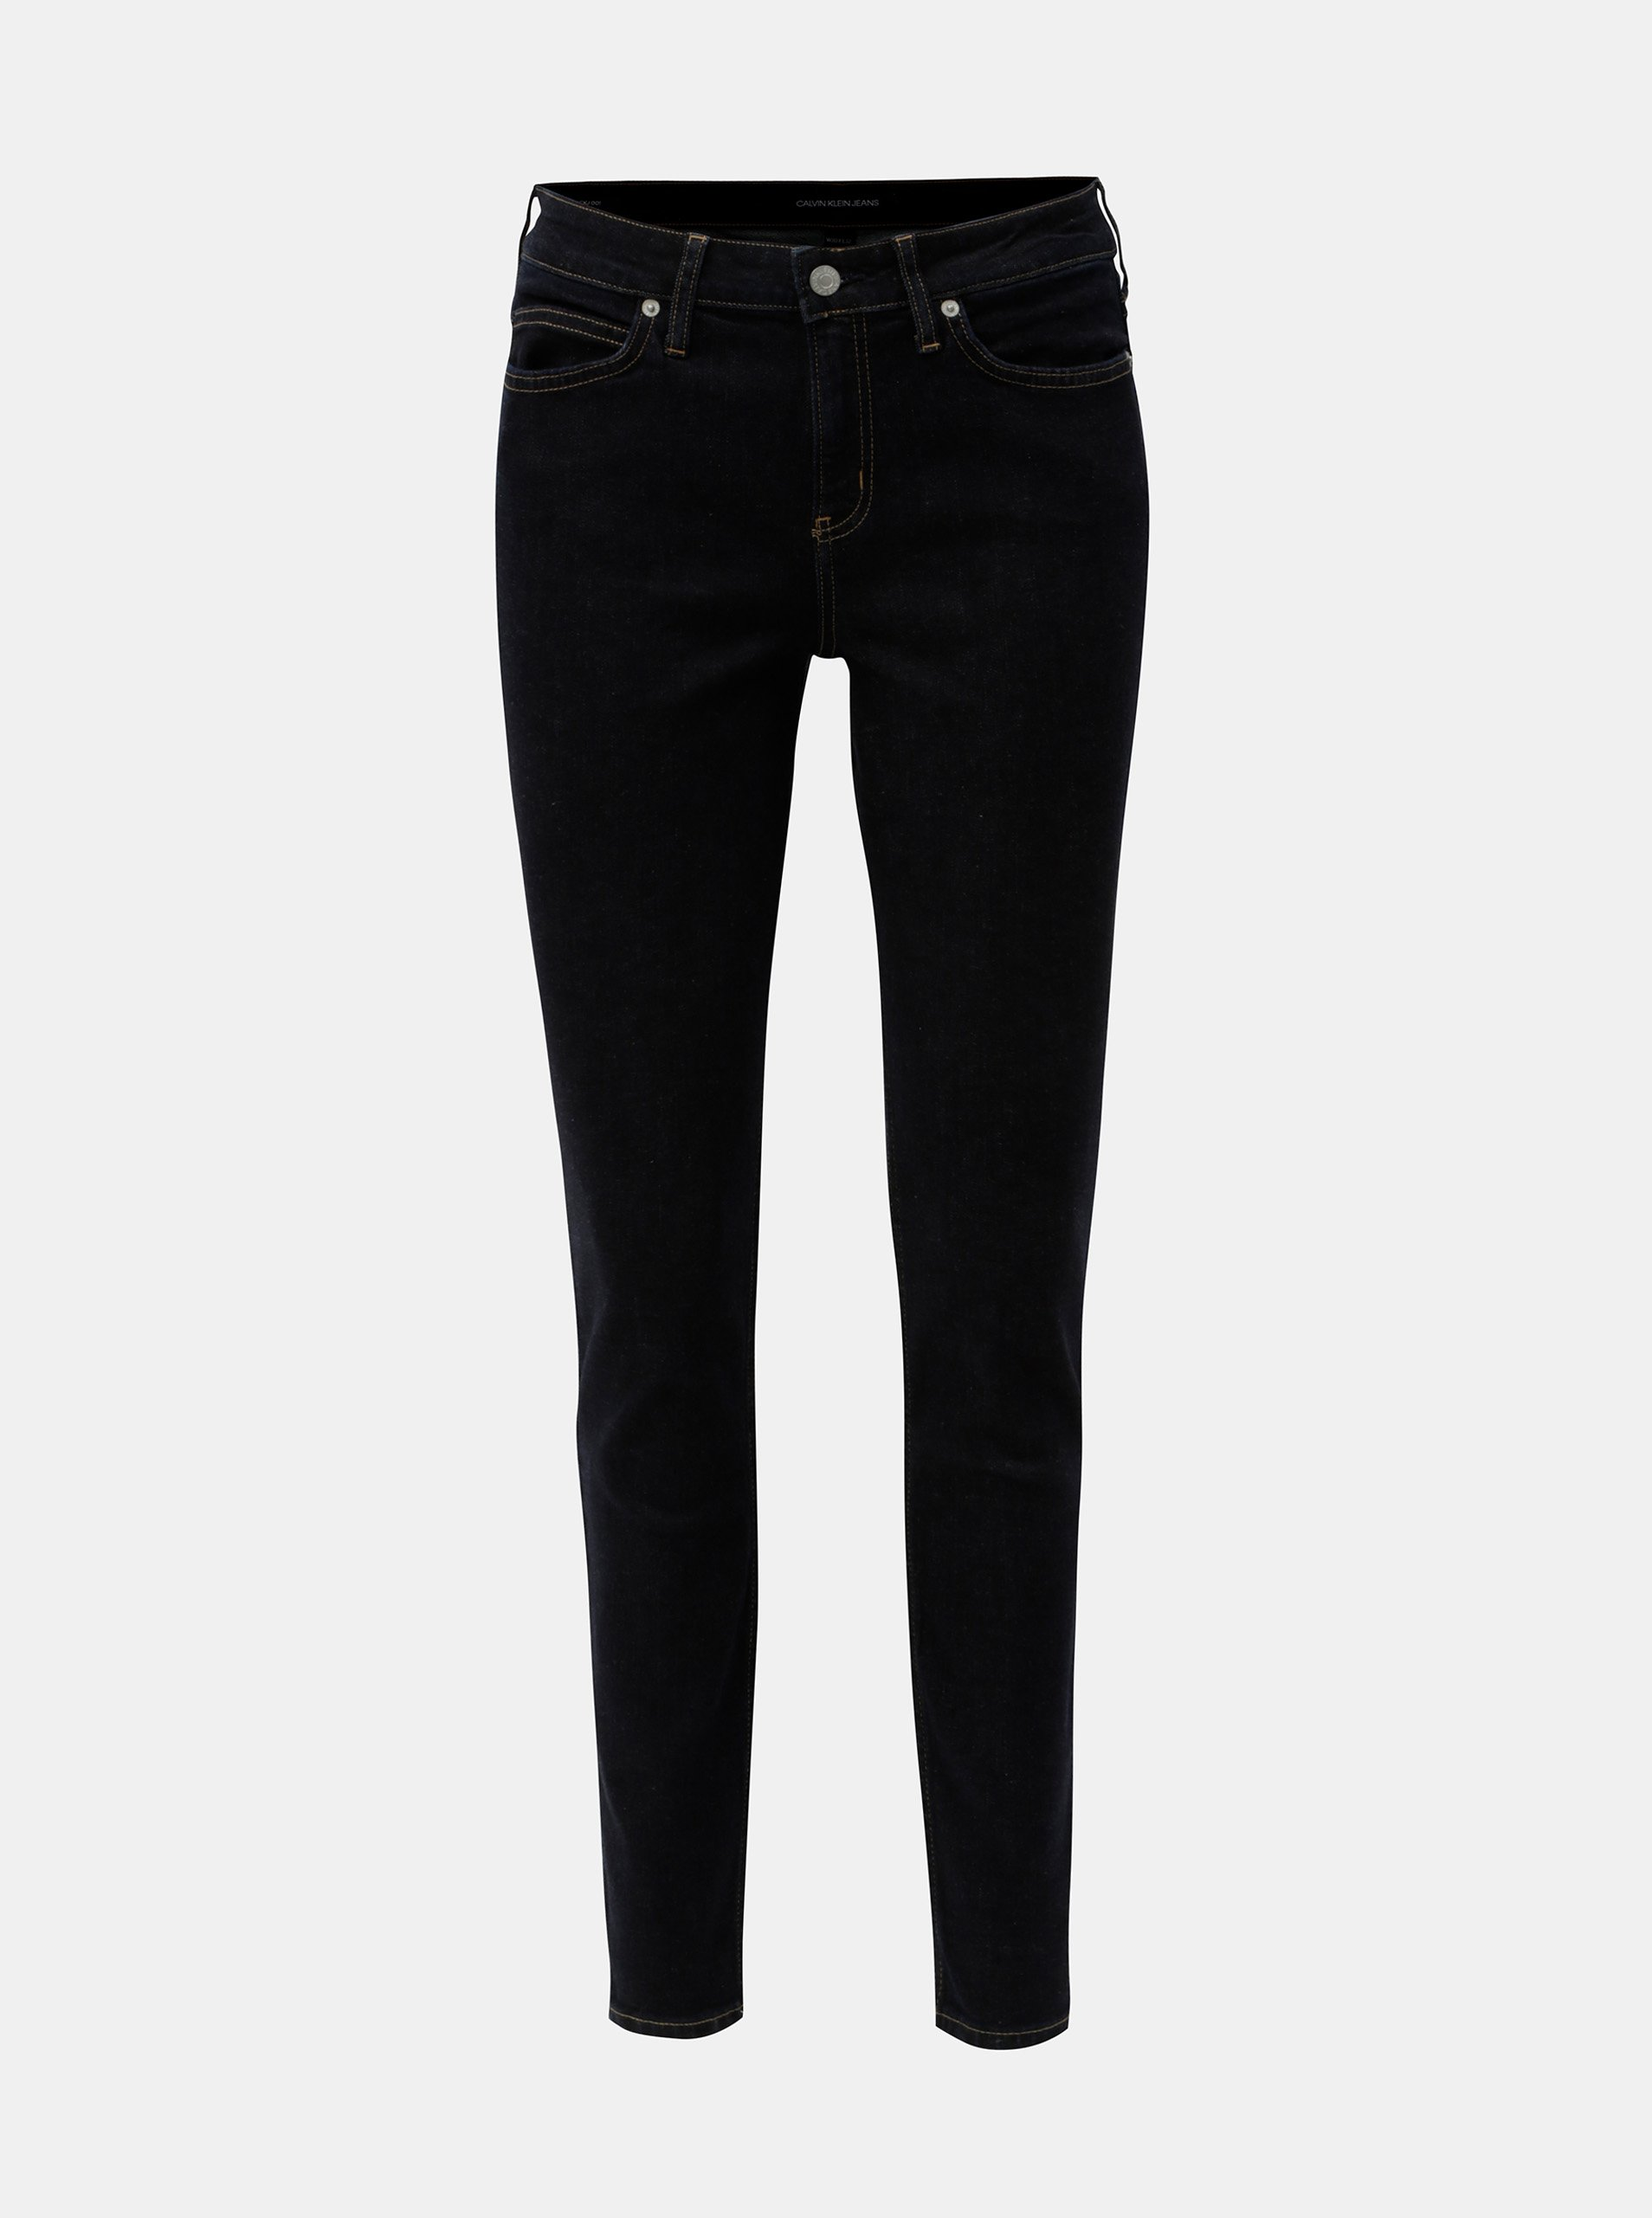 Tmavě modré dámské super skinny džíny Calvin Klein Jeans 6b5f4698e5